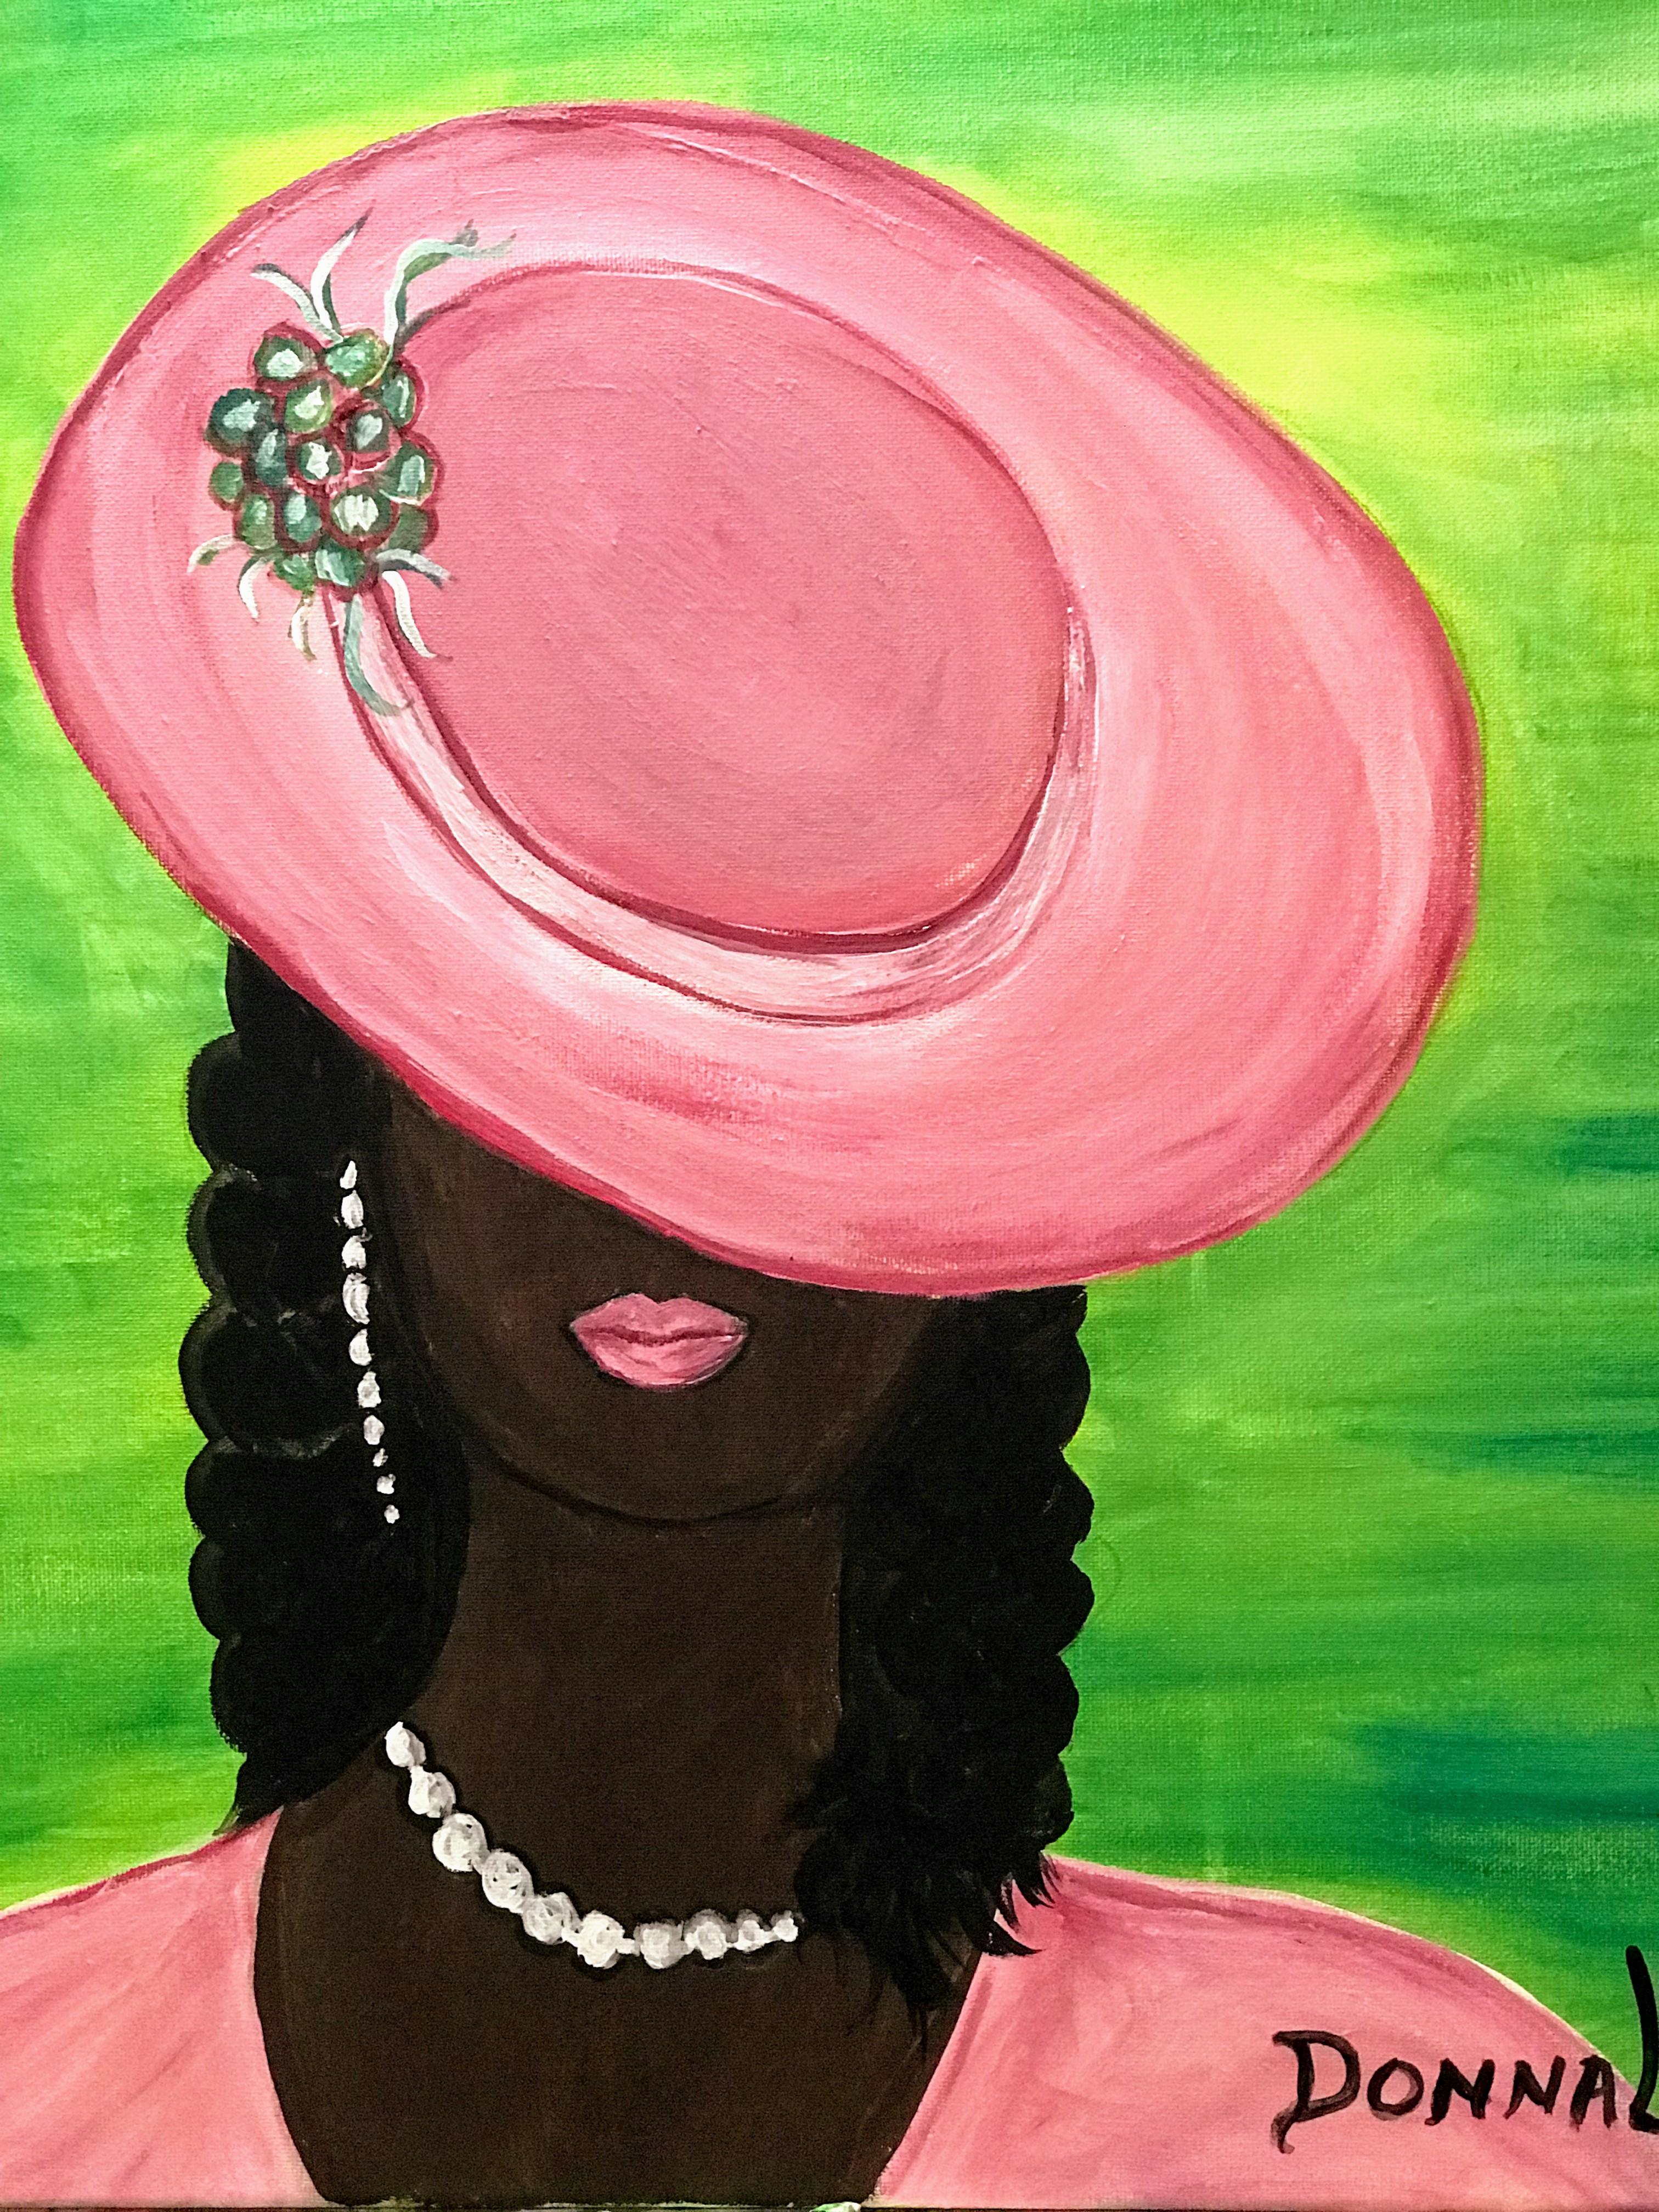 Women in Hats #8A